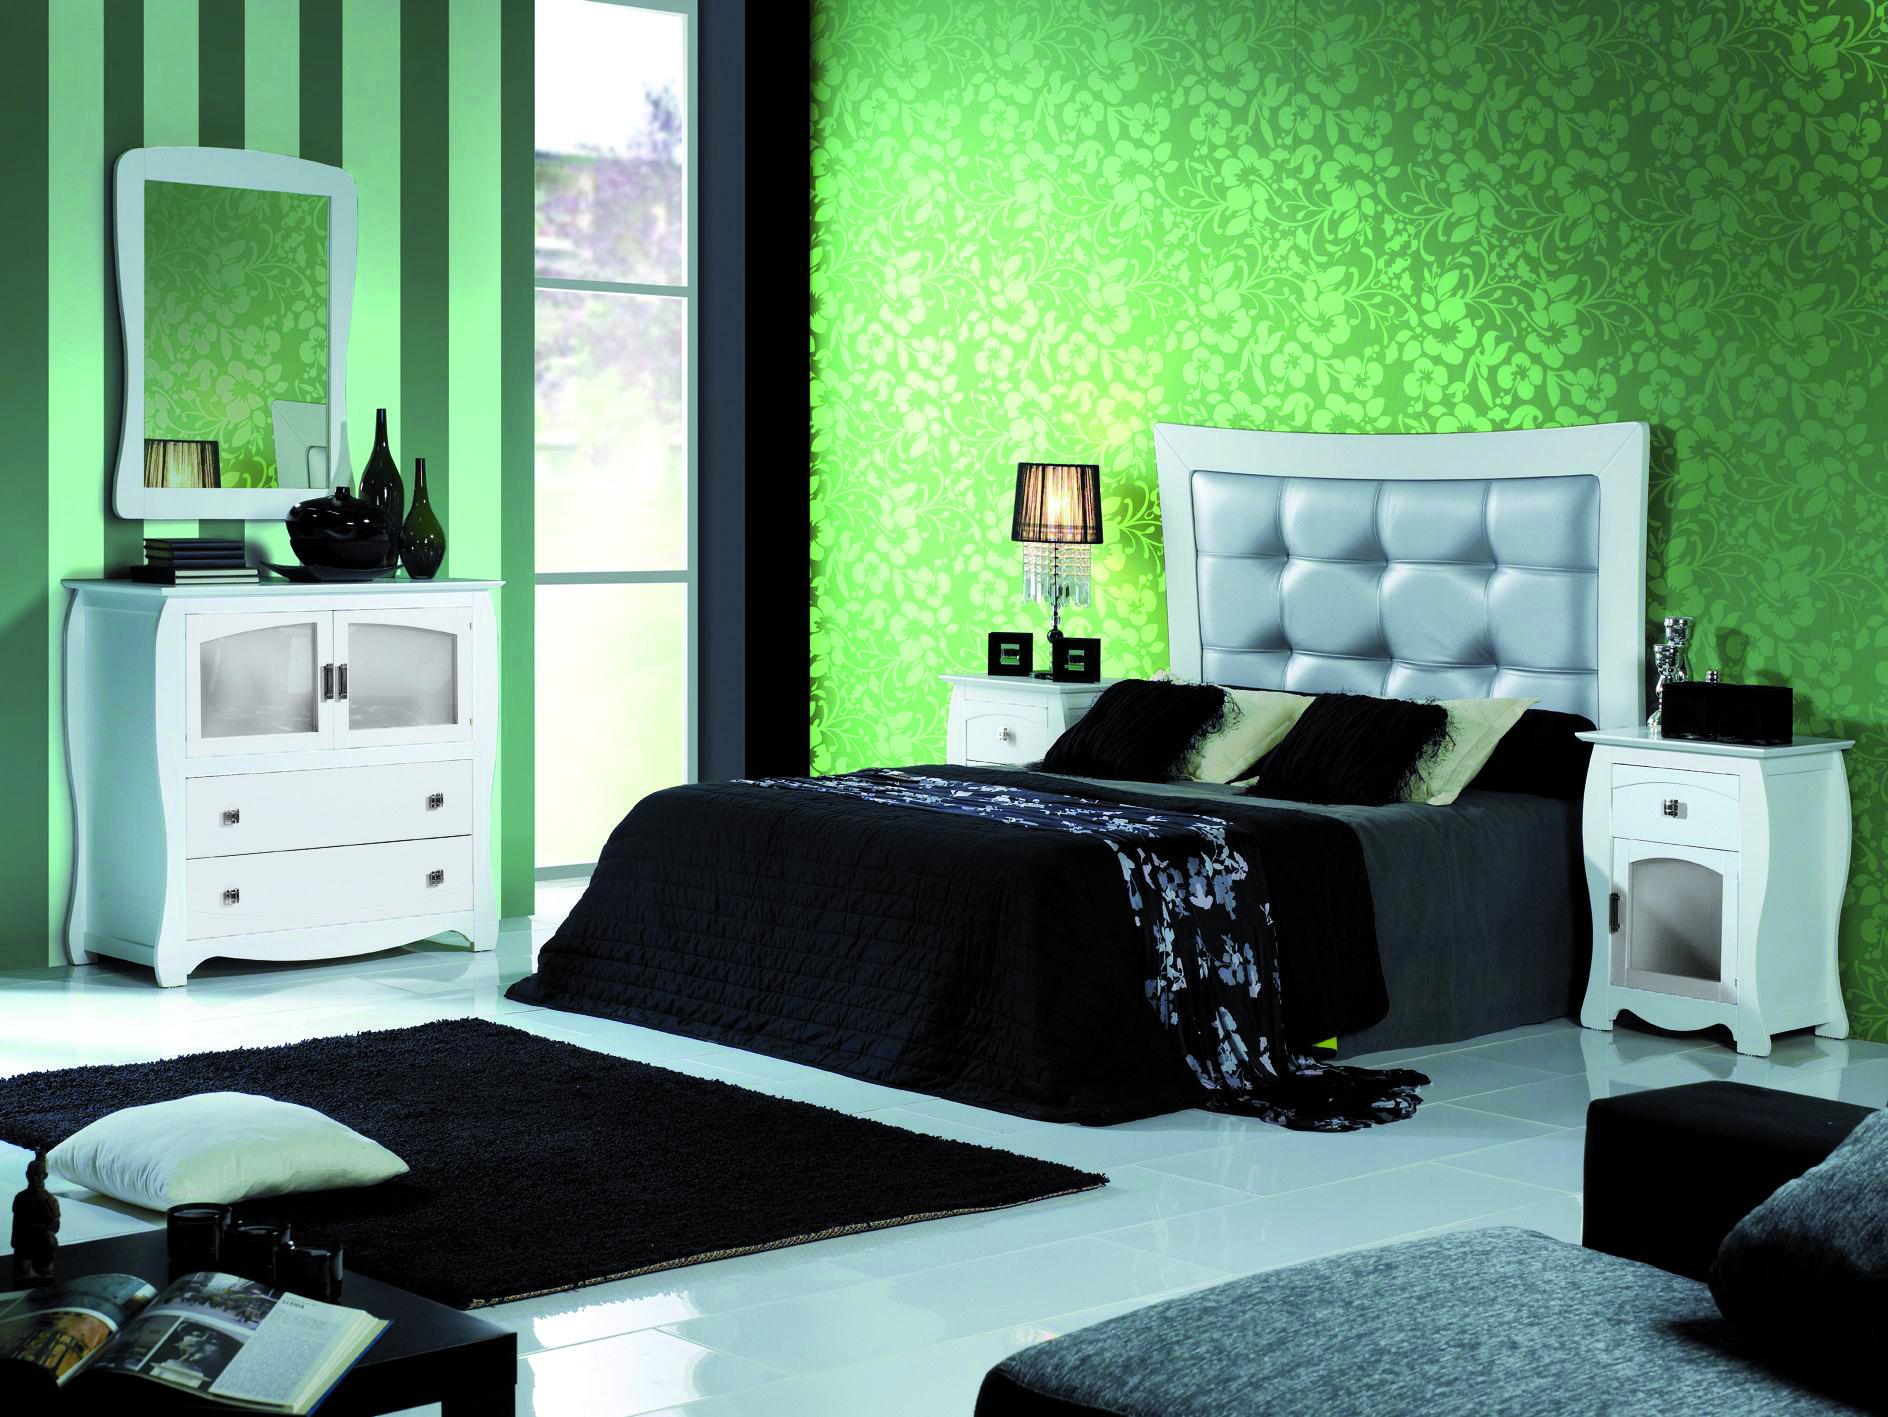 Mil anuncioscom lucena muebles lucena venta de muebles de for Muebles de lucena